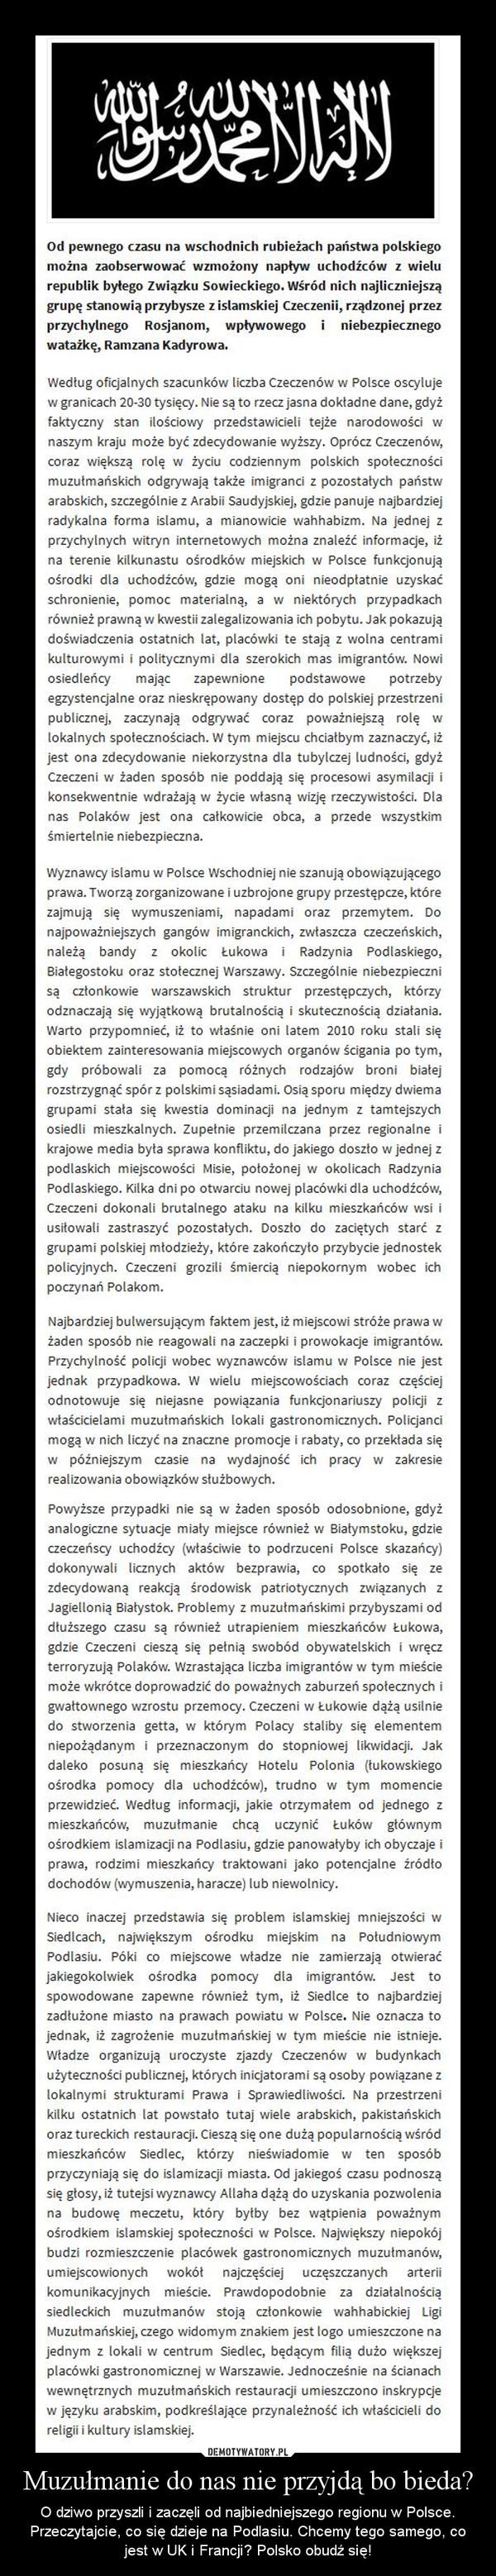 Muzułmanie do nas nie przyjdą bo bieda? – O dziwo przyszli i zaczęli od najbiedniejszego regionu w Polsce. Przeczytajcie, co się dzieje na Podlasiu. Chcemy tego samego, co jest w UK i Francji? Polsko obudź się!